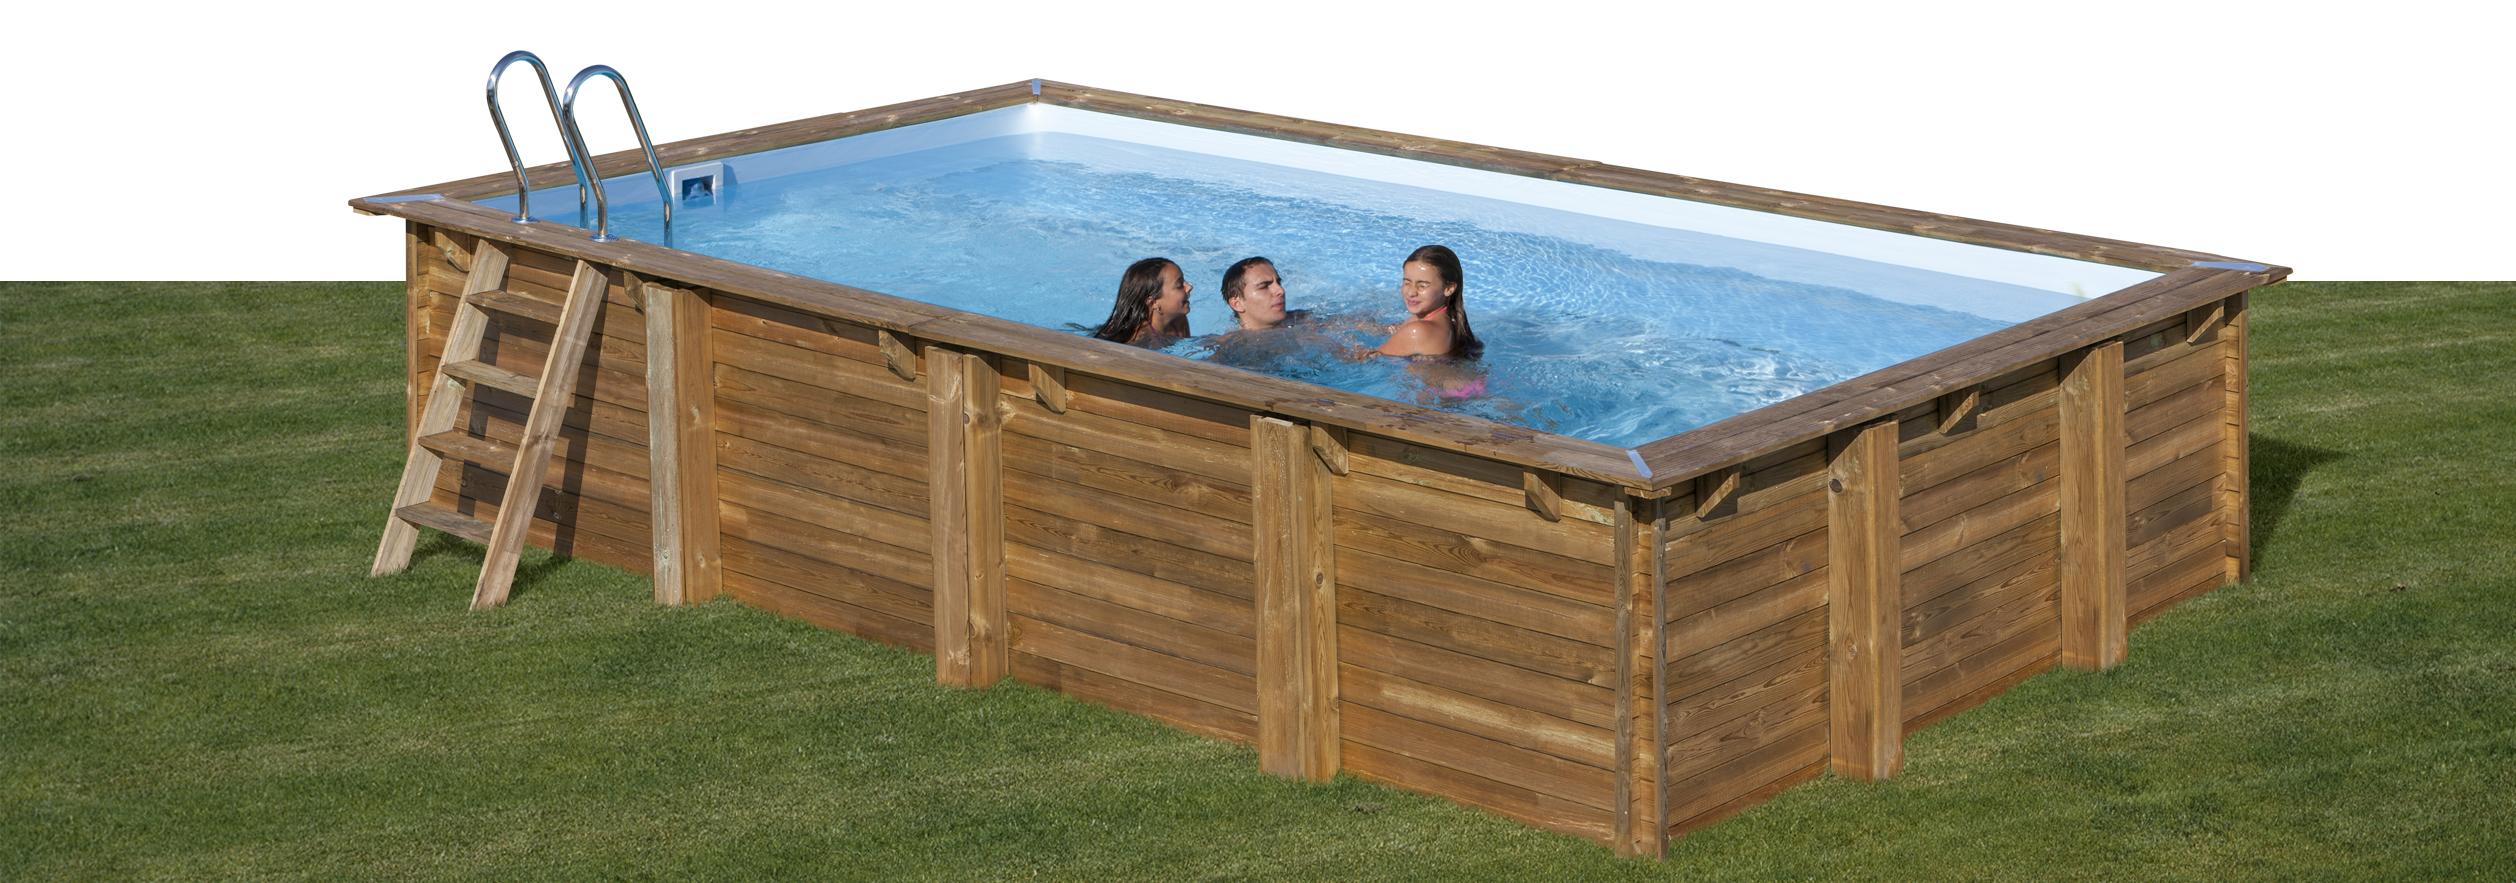 Sunbay 600x400x133 piscinas garrido estufas de orujo for Piscinas garrido